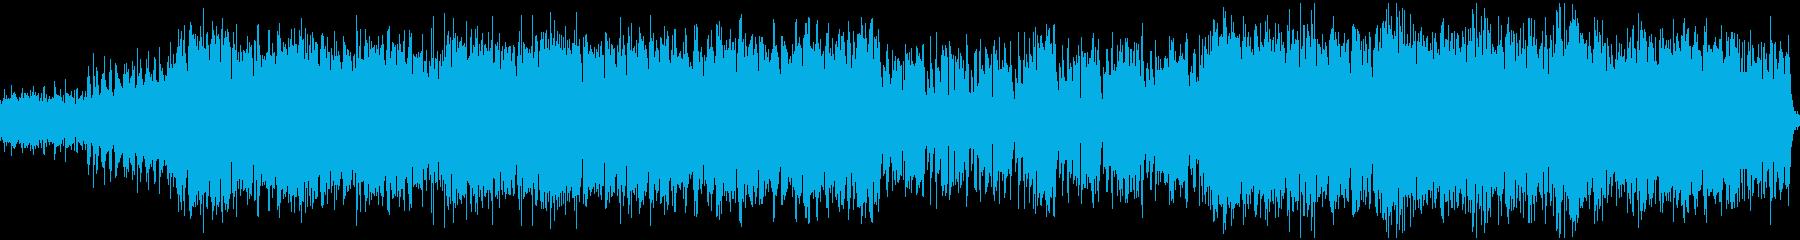 サイバーパンク都市のテーマ(ループ)の再生済みの波形